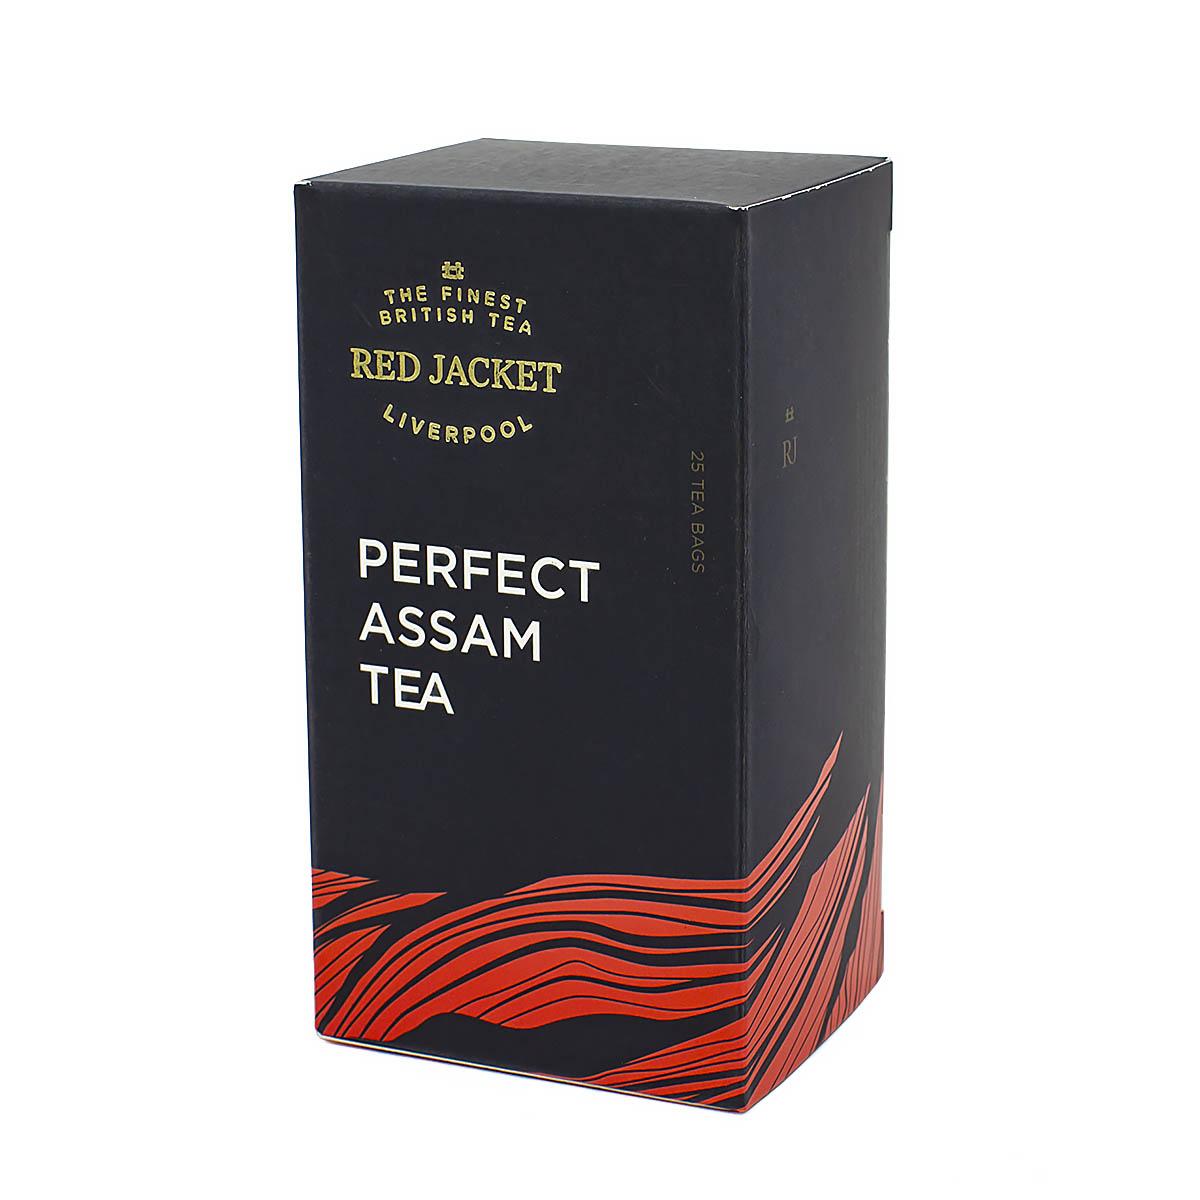 Чёрный чай Ассам Ред Джекет пакетированный, 25 шт х 2 г